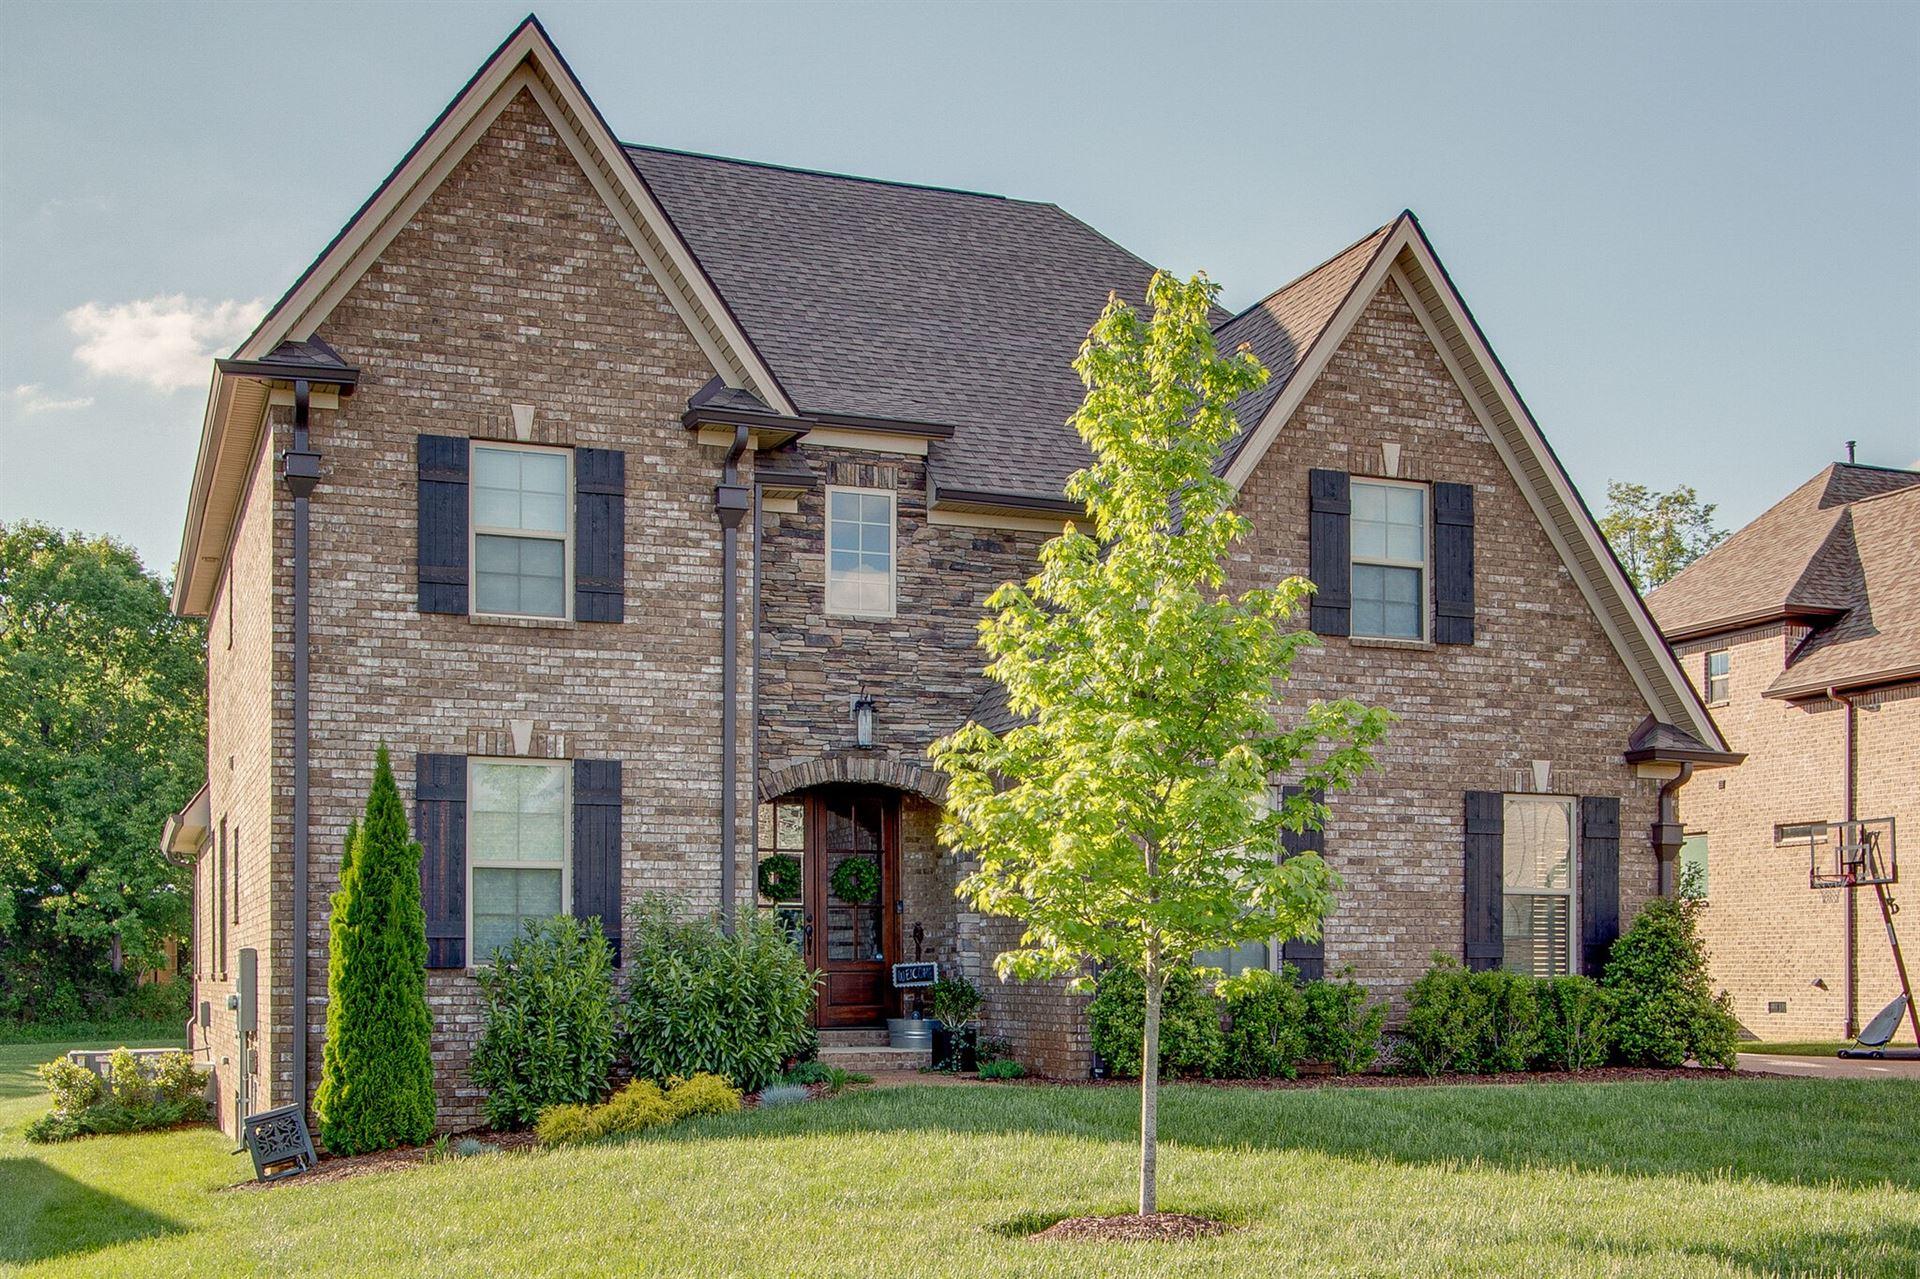 Photo of 1011 Gadwall Ln, Spring Hill, TN 37174 (MLS # 2251245)